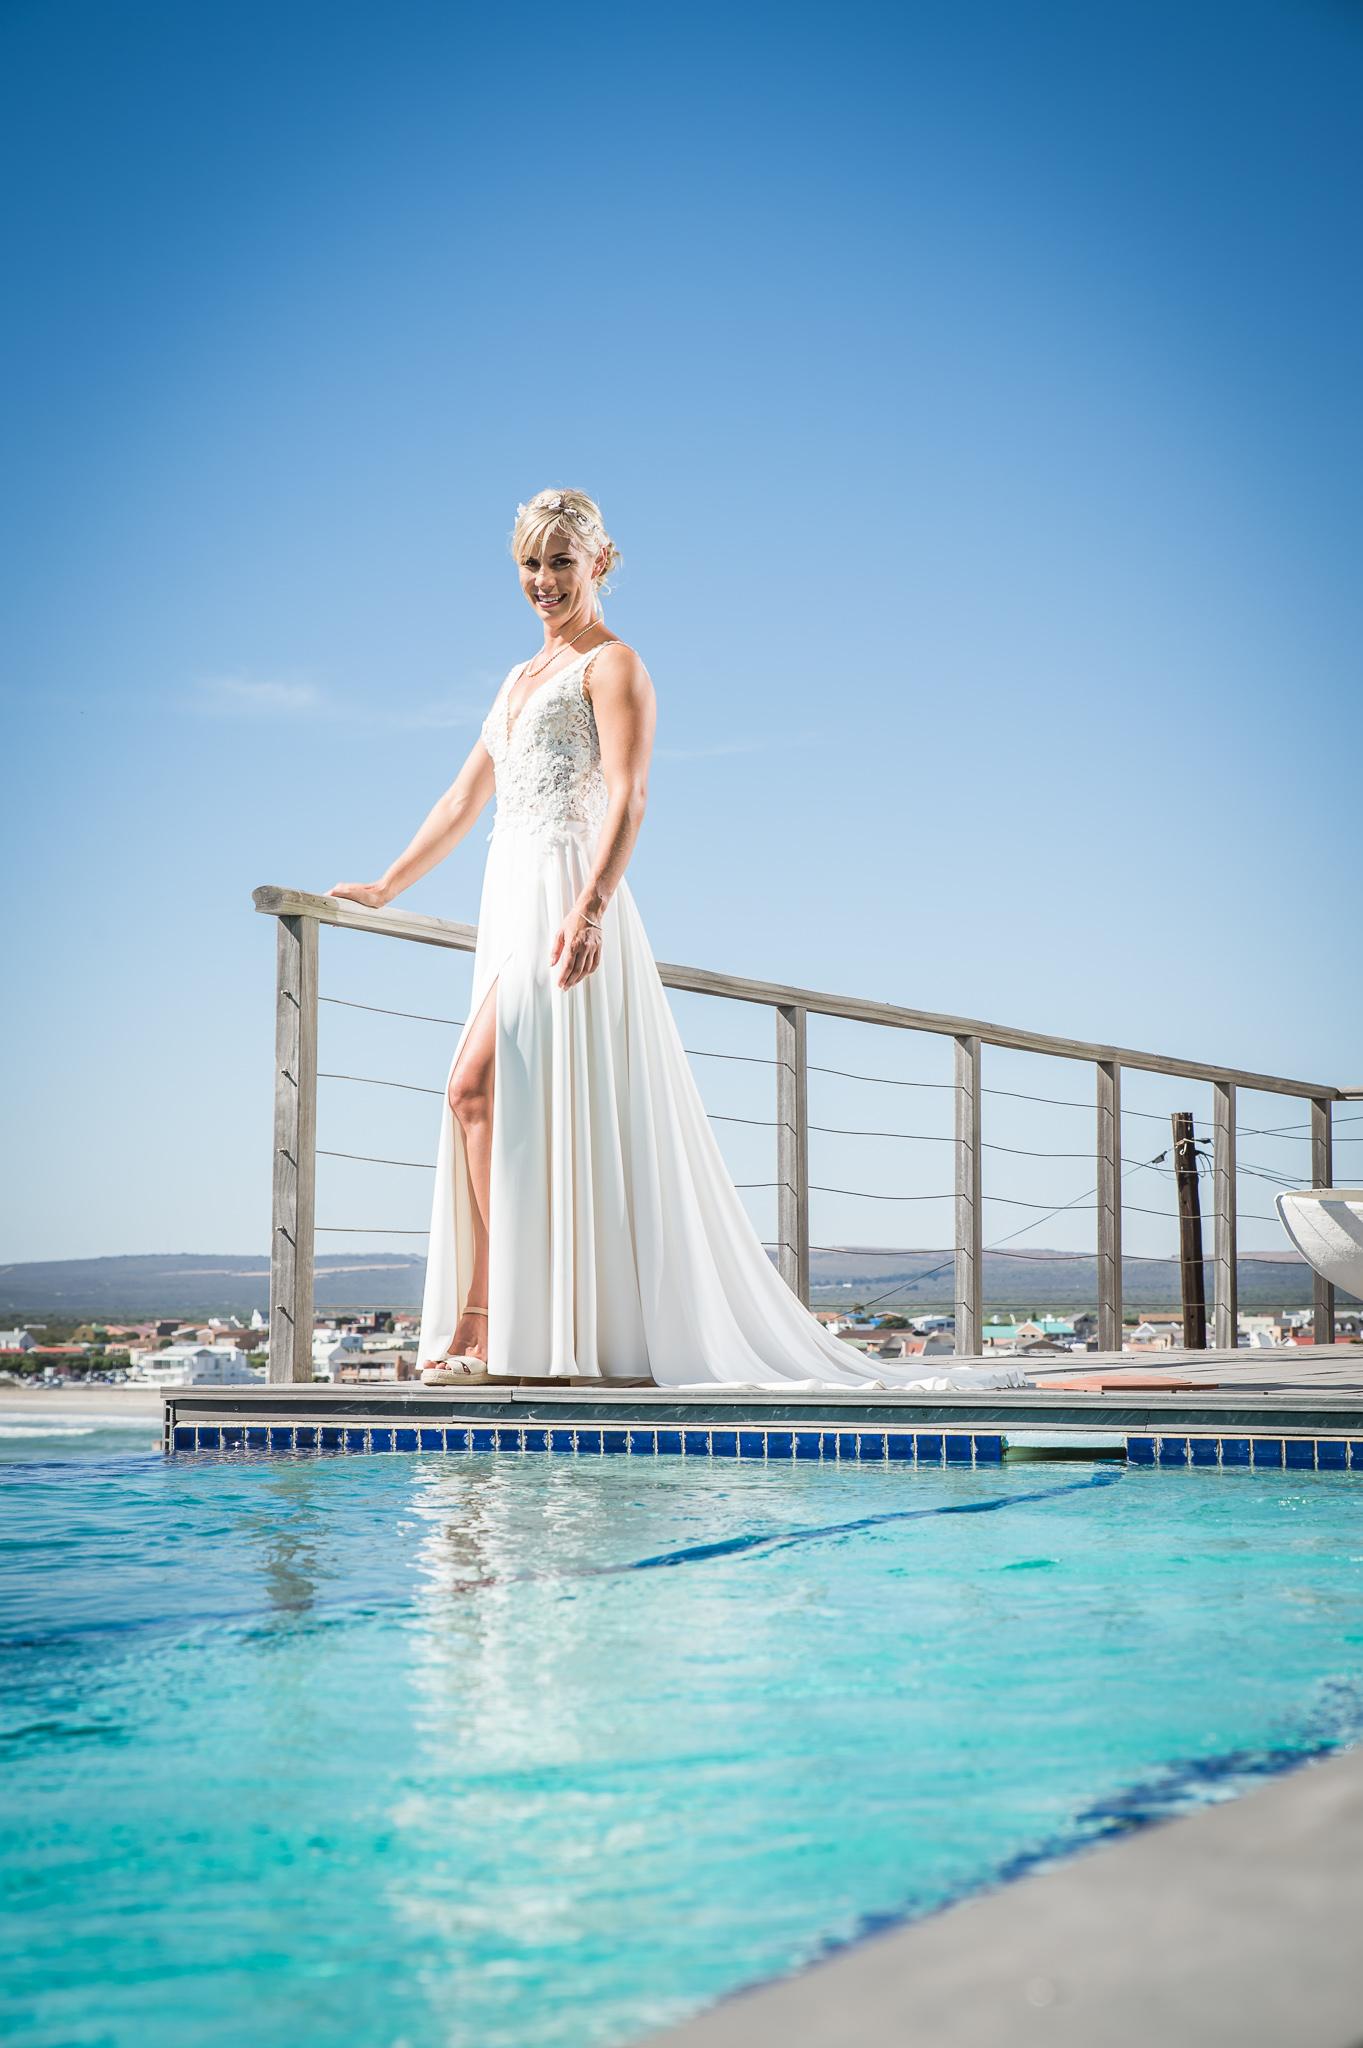 Josh and Debbie Yzerfontein Wedding - Sneak Peak (11 of 36).jpg